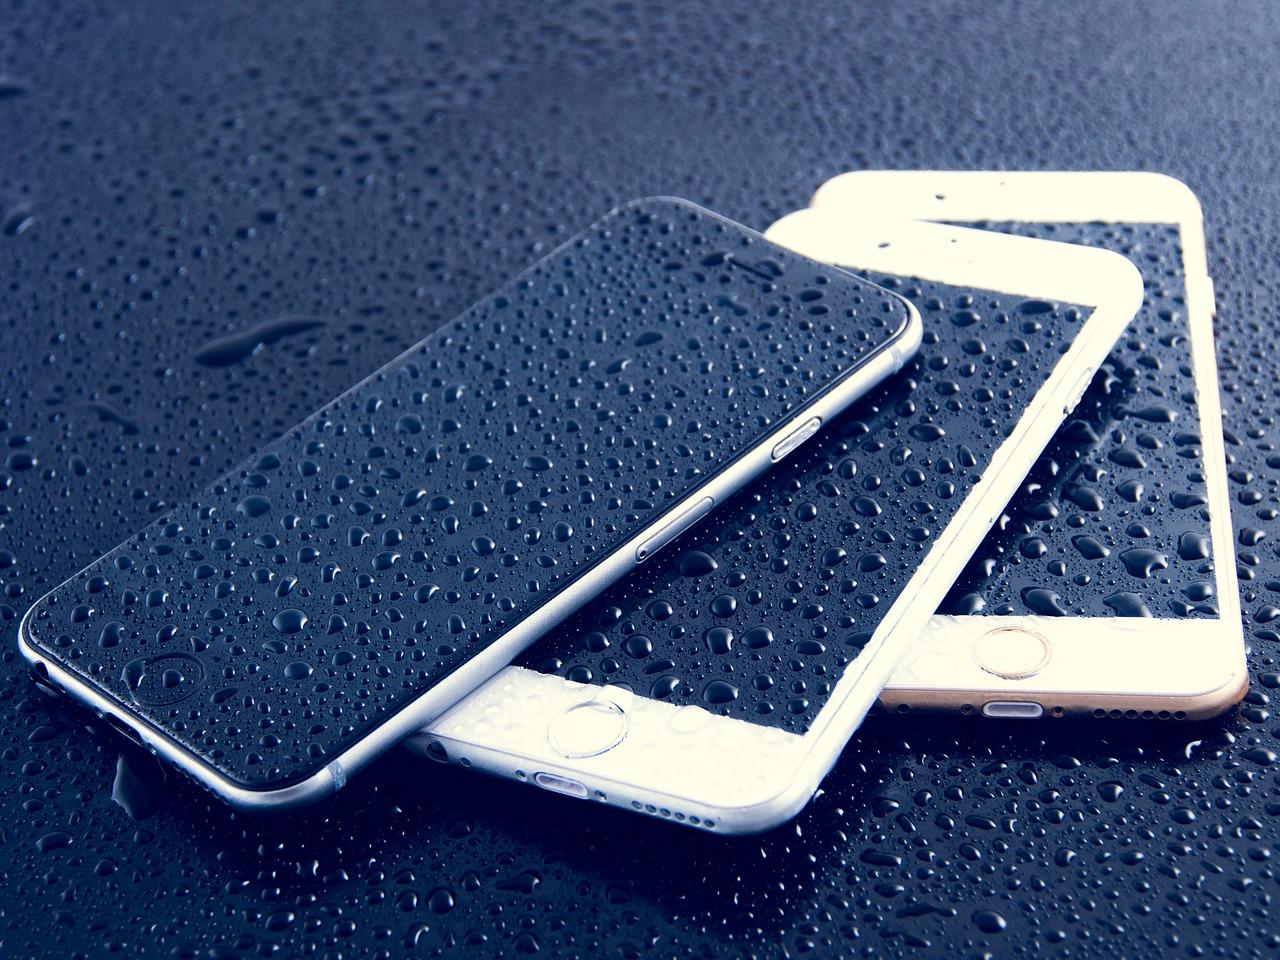 iPhone X : deux semaines dans une rivière et aucunes séquelles !